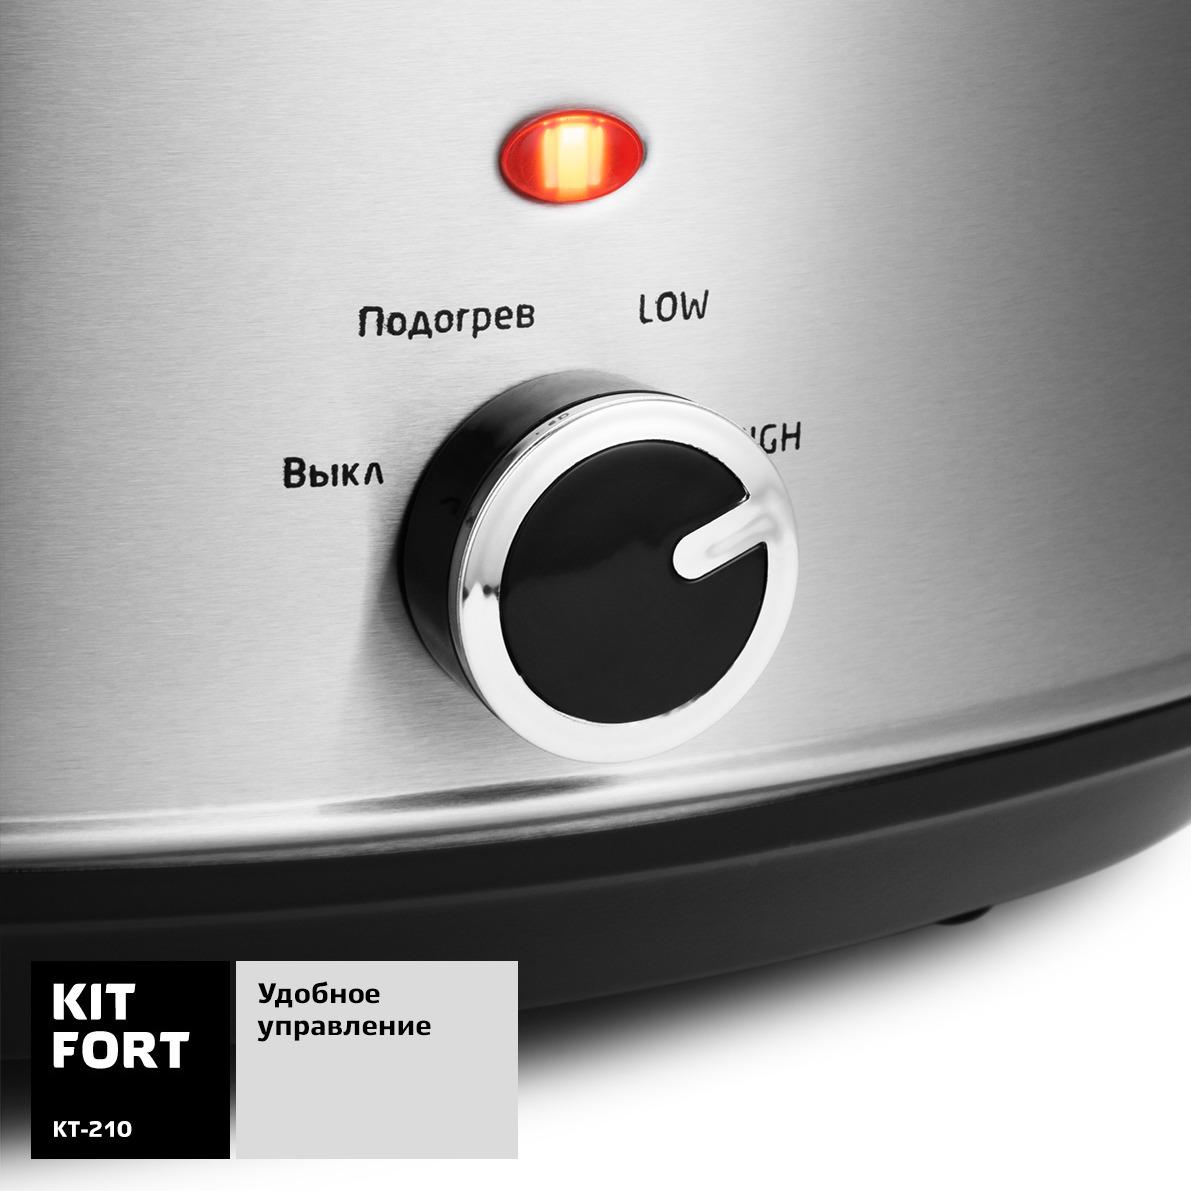 Медленноварка Kitfort КТ-210, черный, серебристый Kitfort